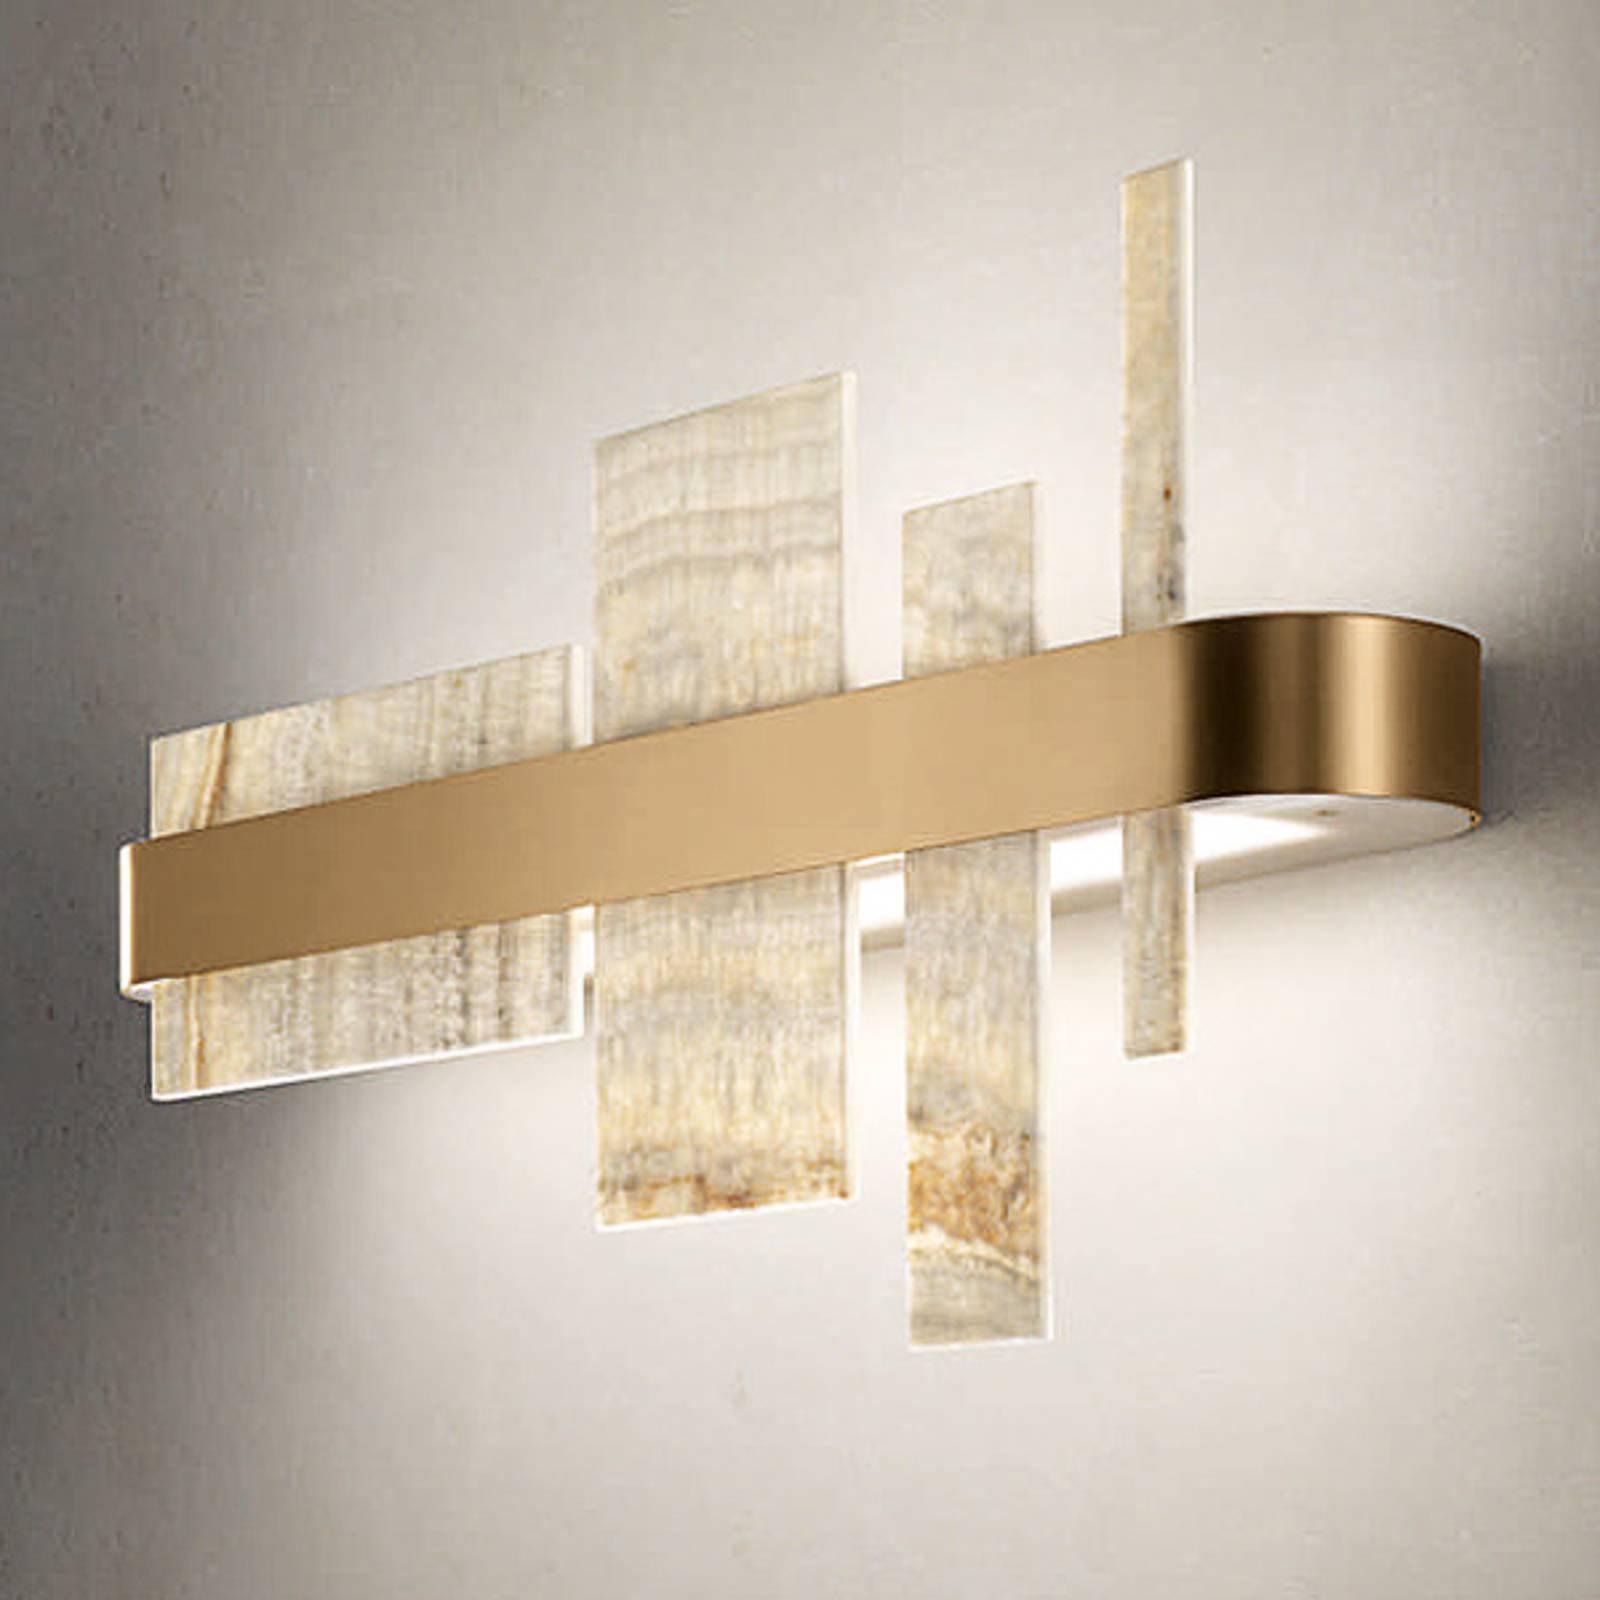 Applique de designer Honicé avec LED, 65cm